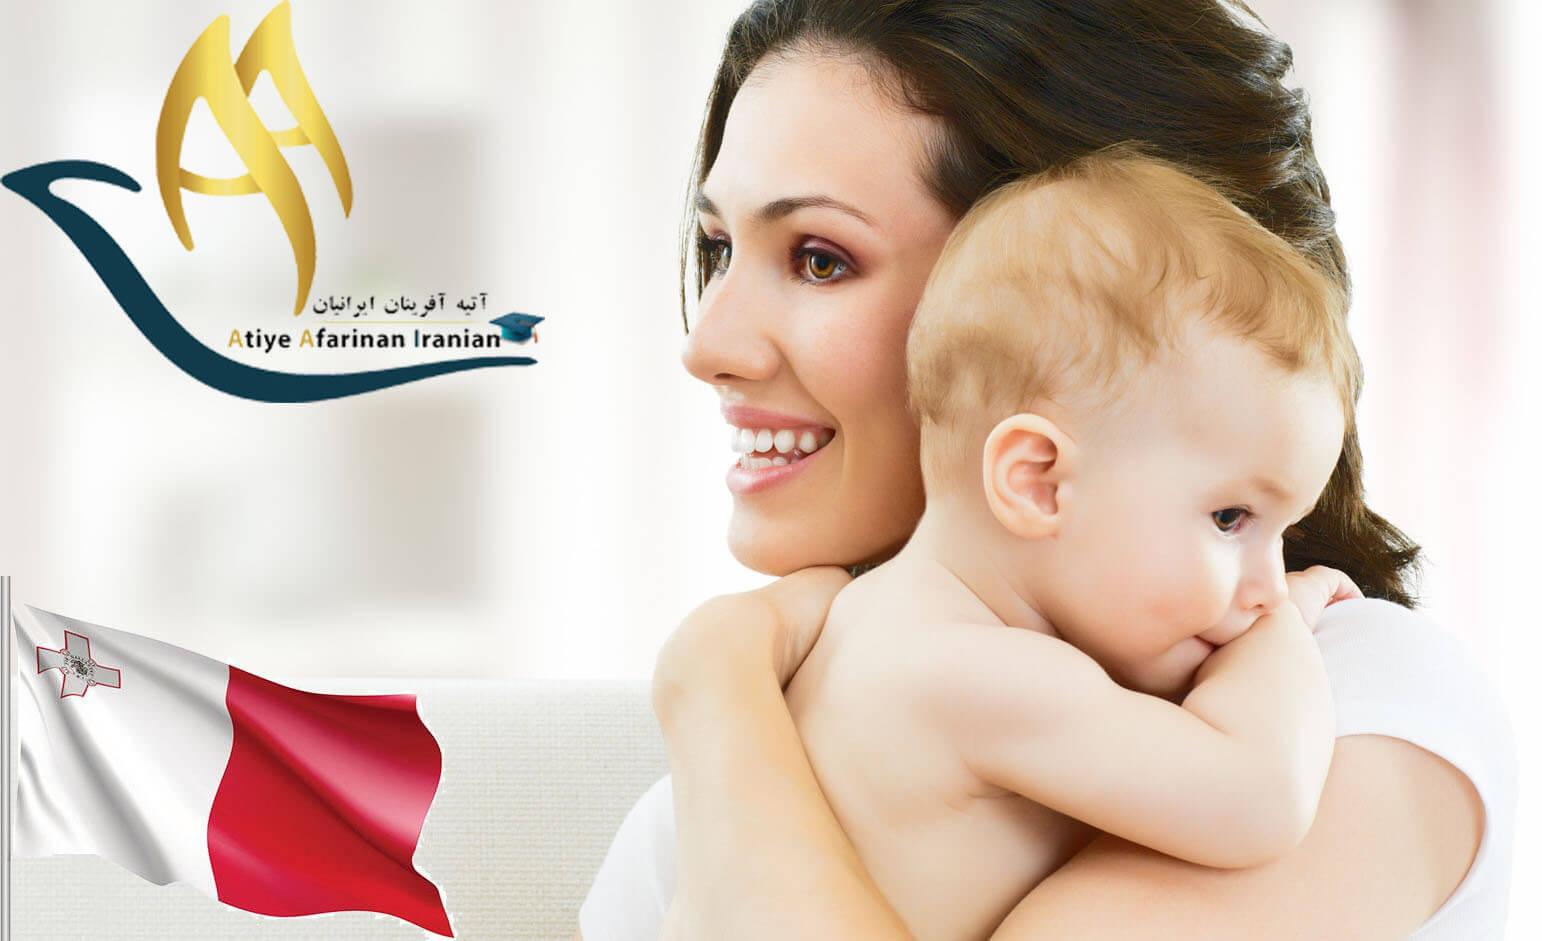 تولد فرزند در مالتا